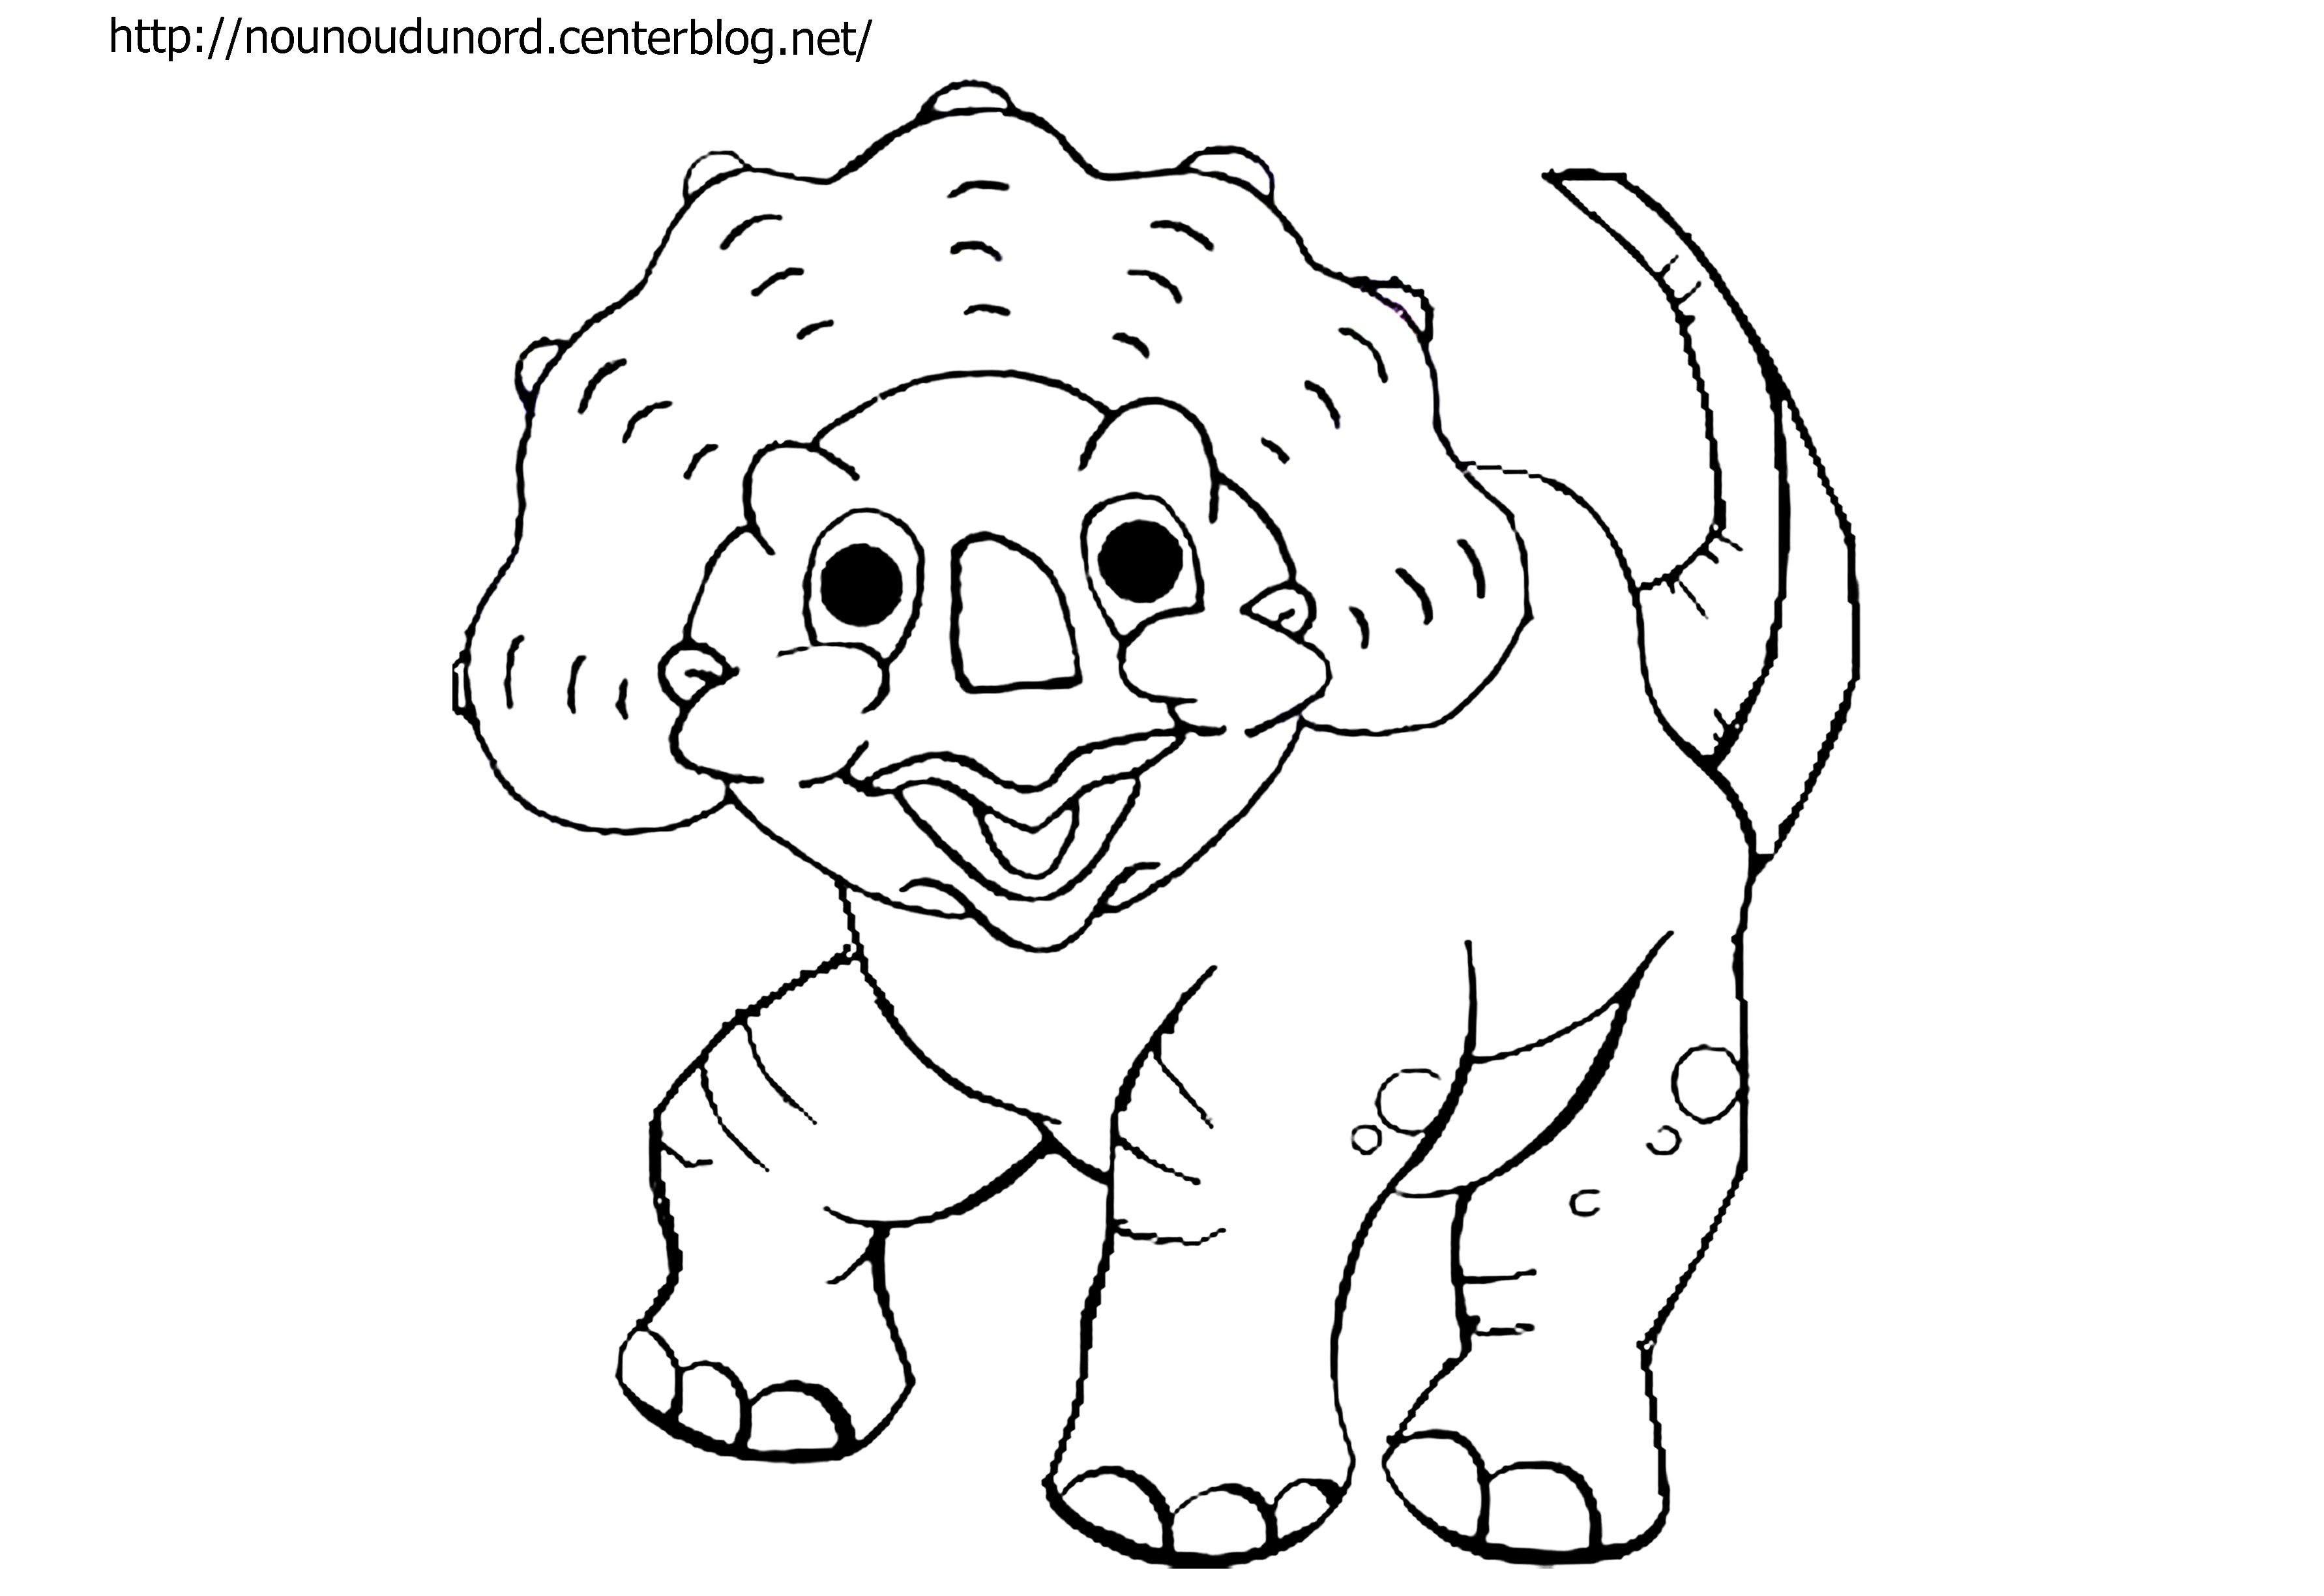 Coloriage Petit dinosaure dessiné par nounoudunord